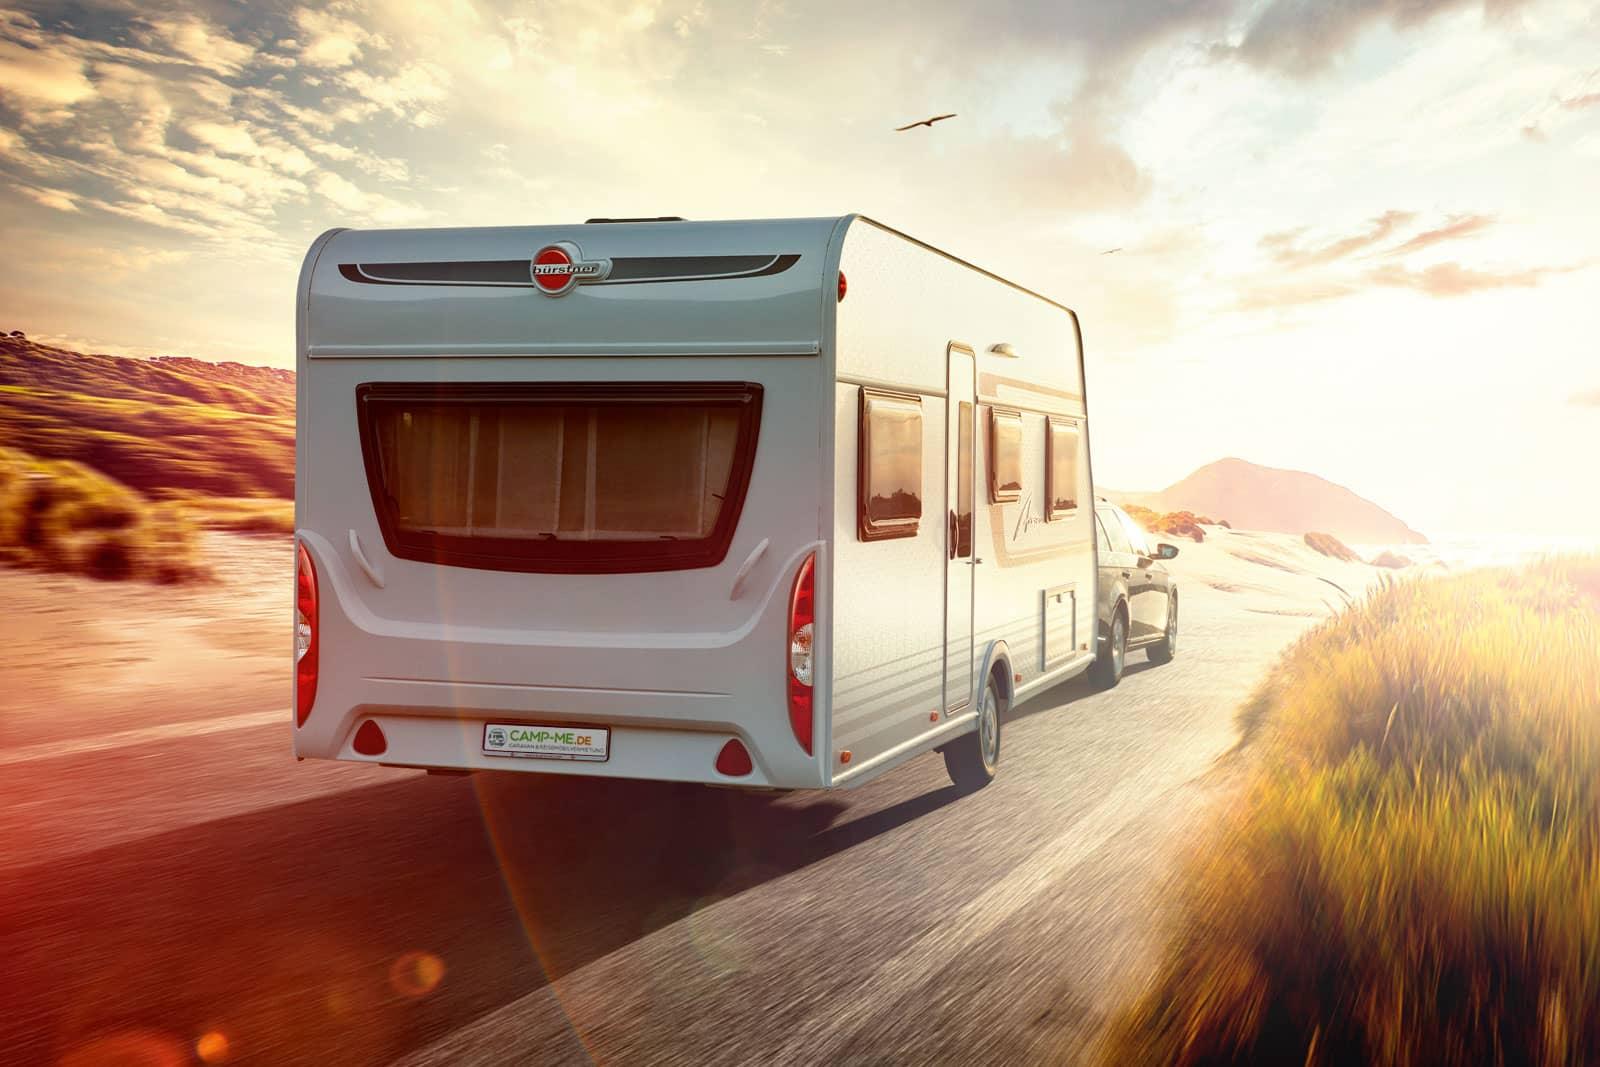 camp-me-wohn-wagen-verleih-caravan-title